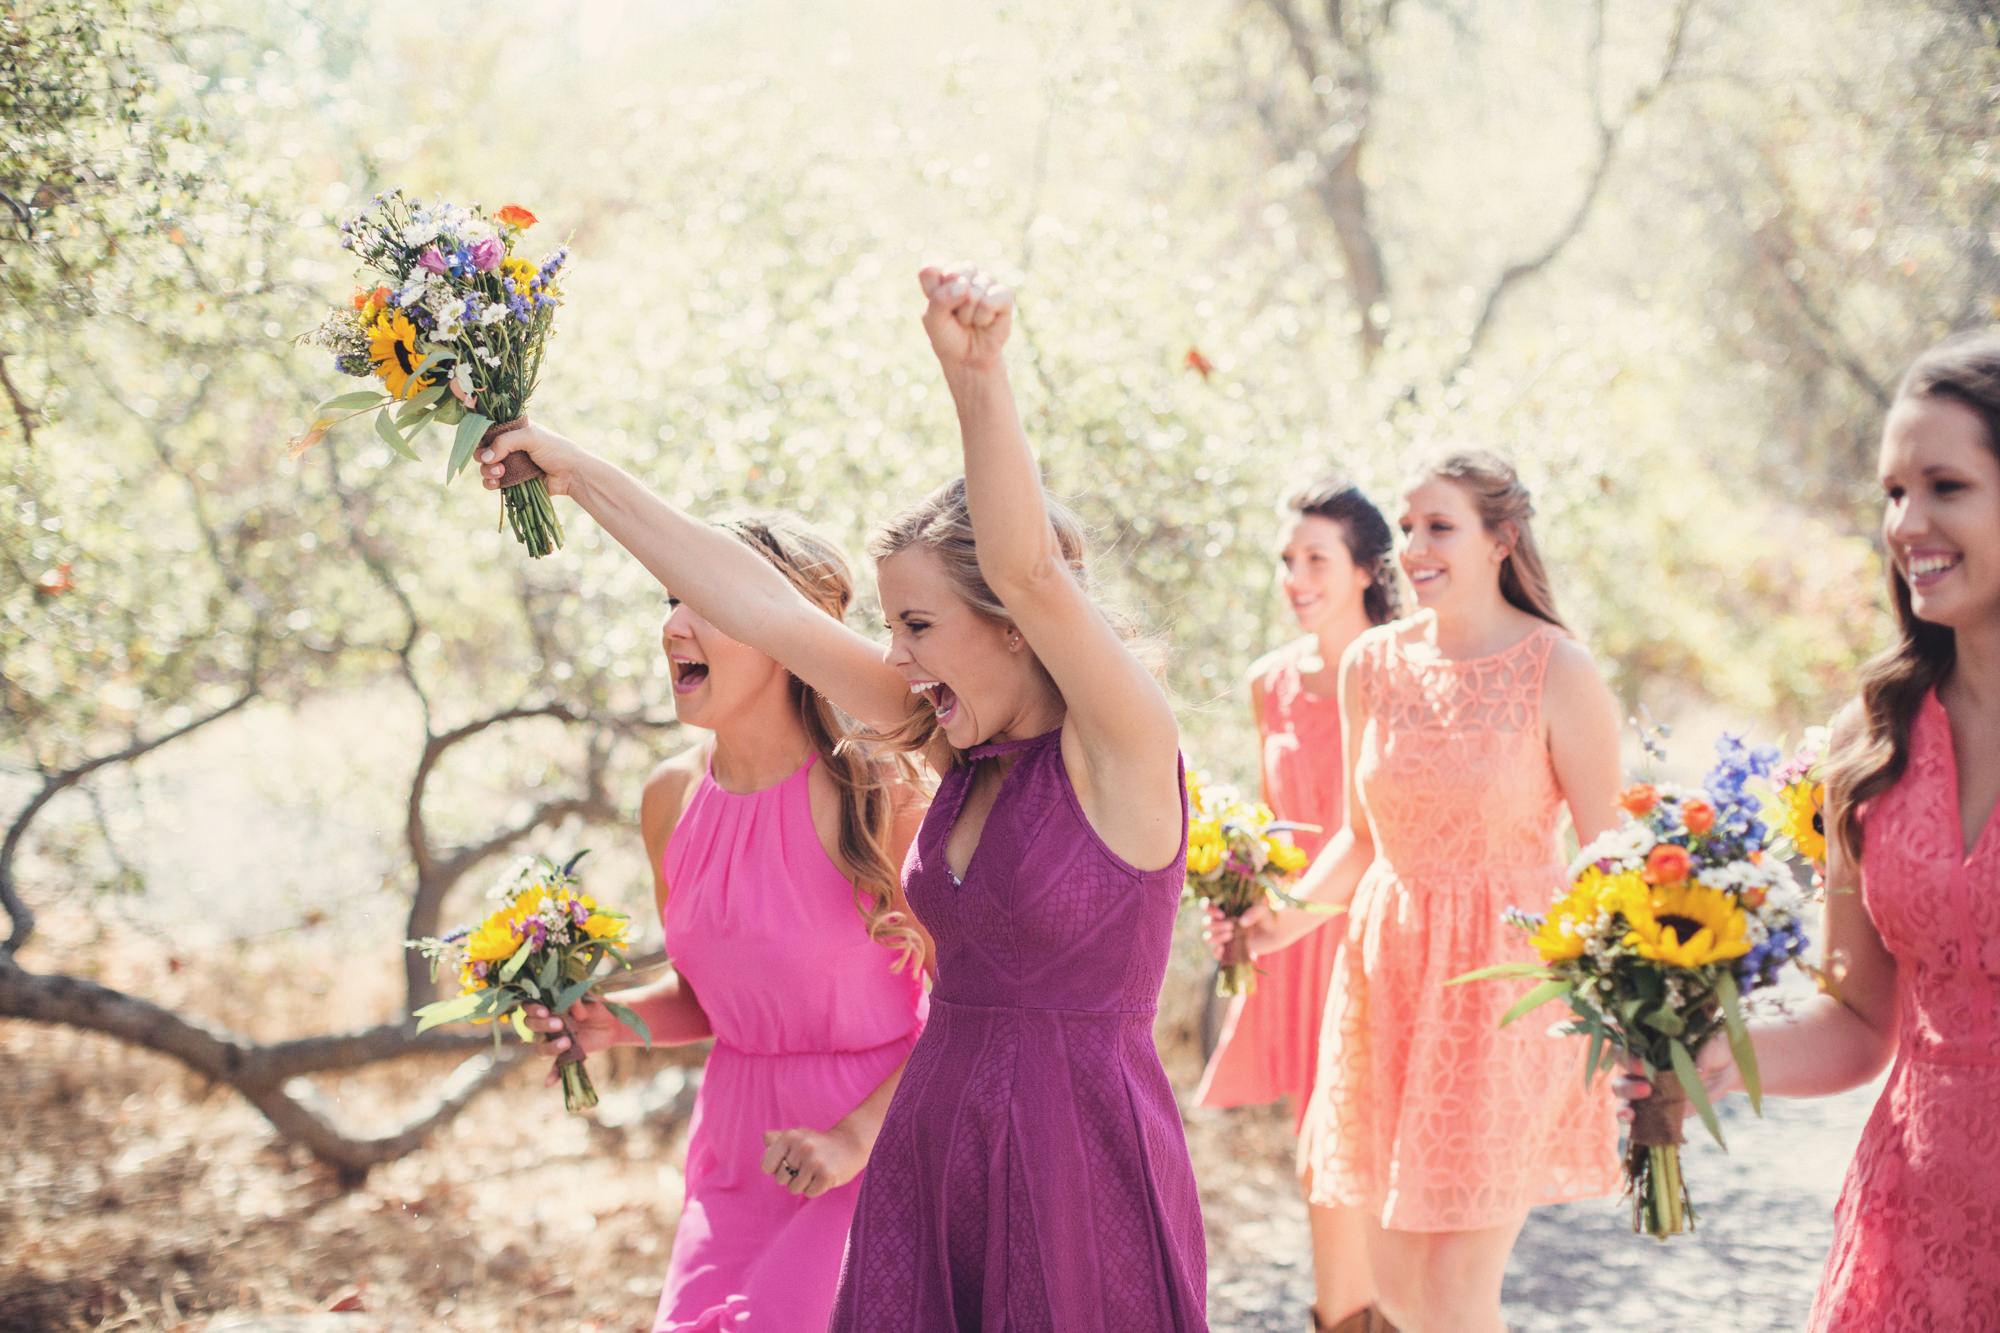 Rustic wedding in California ©Anne-Claire Brun 45